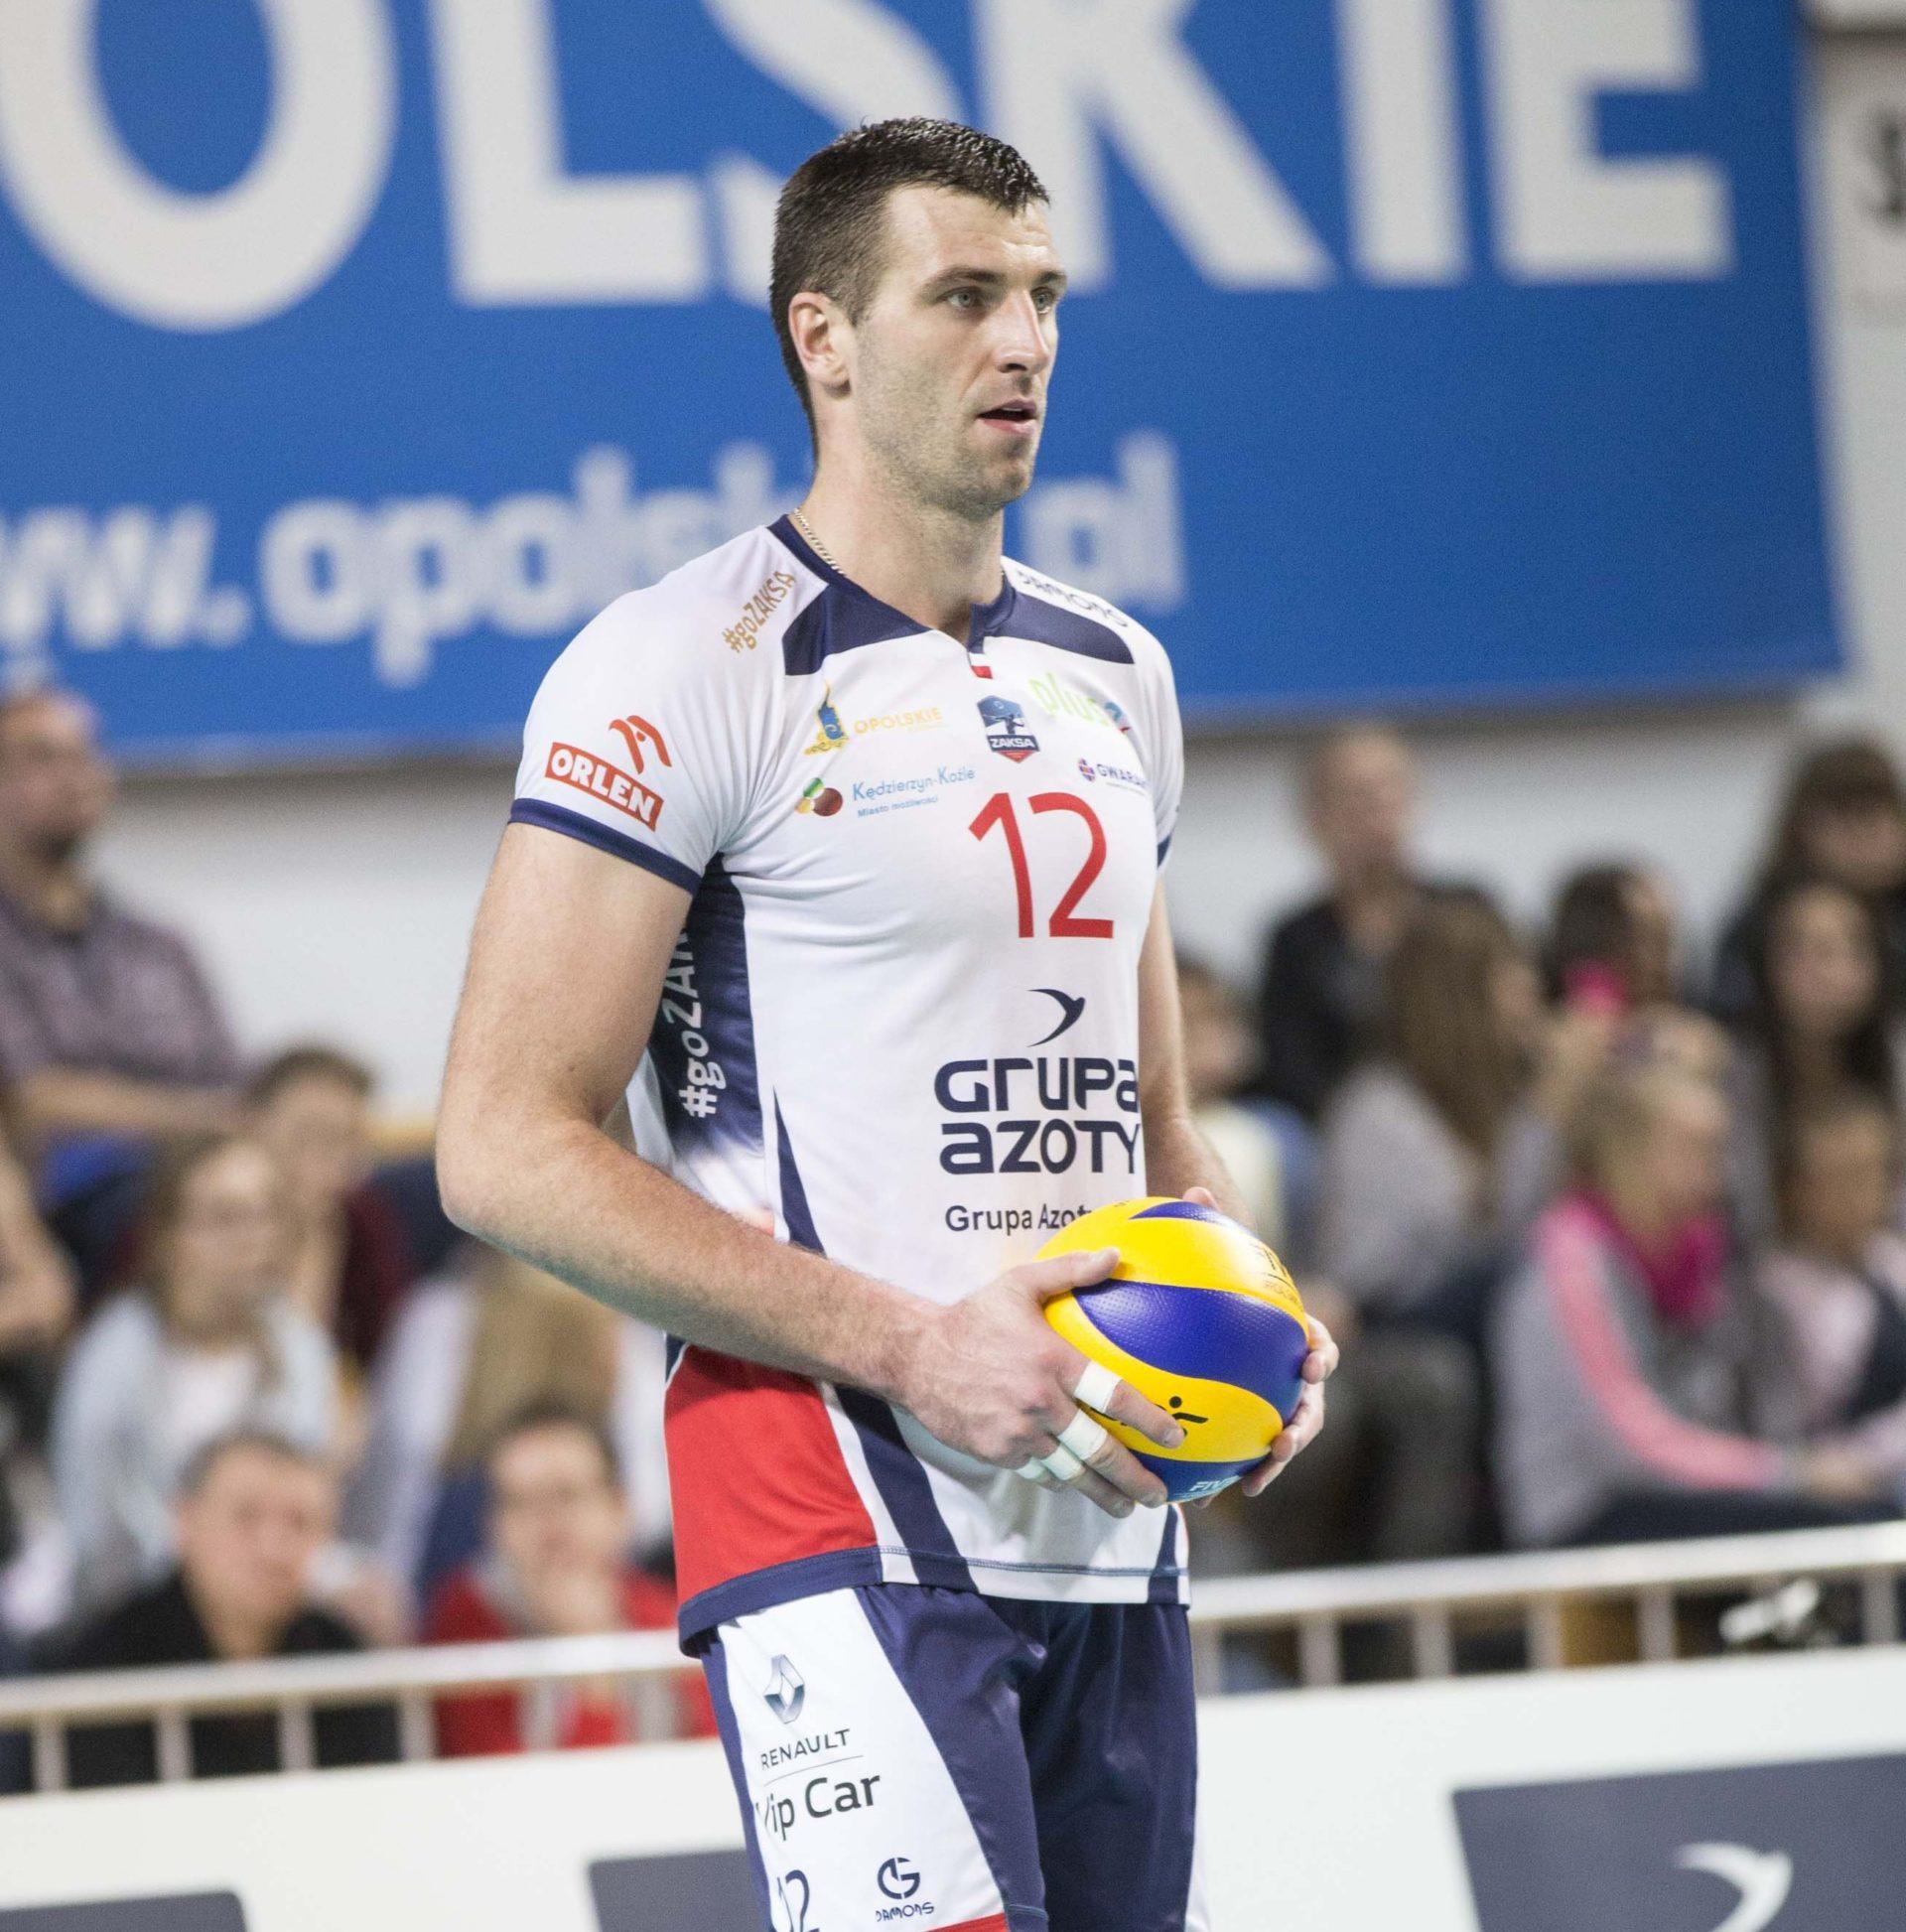 Grzegorz Bociek wykluczony z gry, zawodnika czeka operacja kręgosłupa